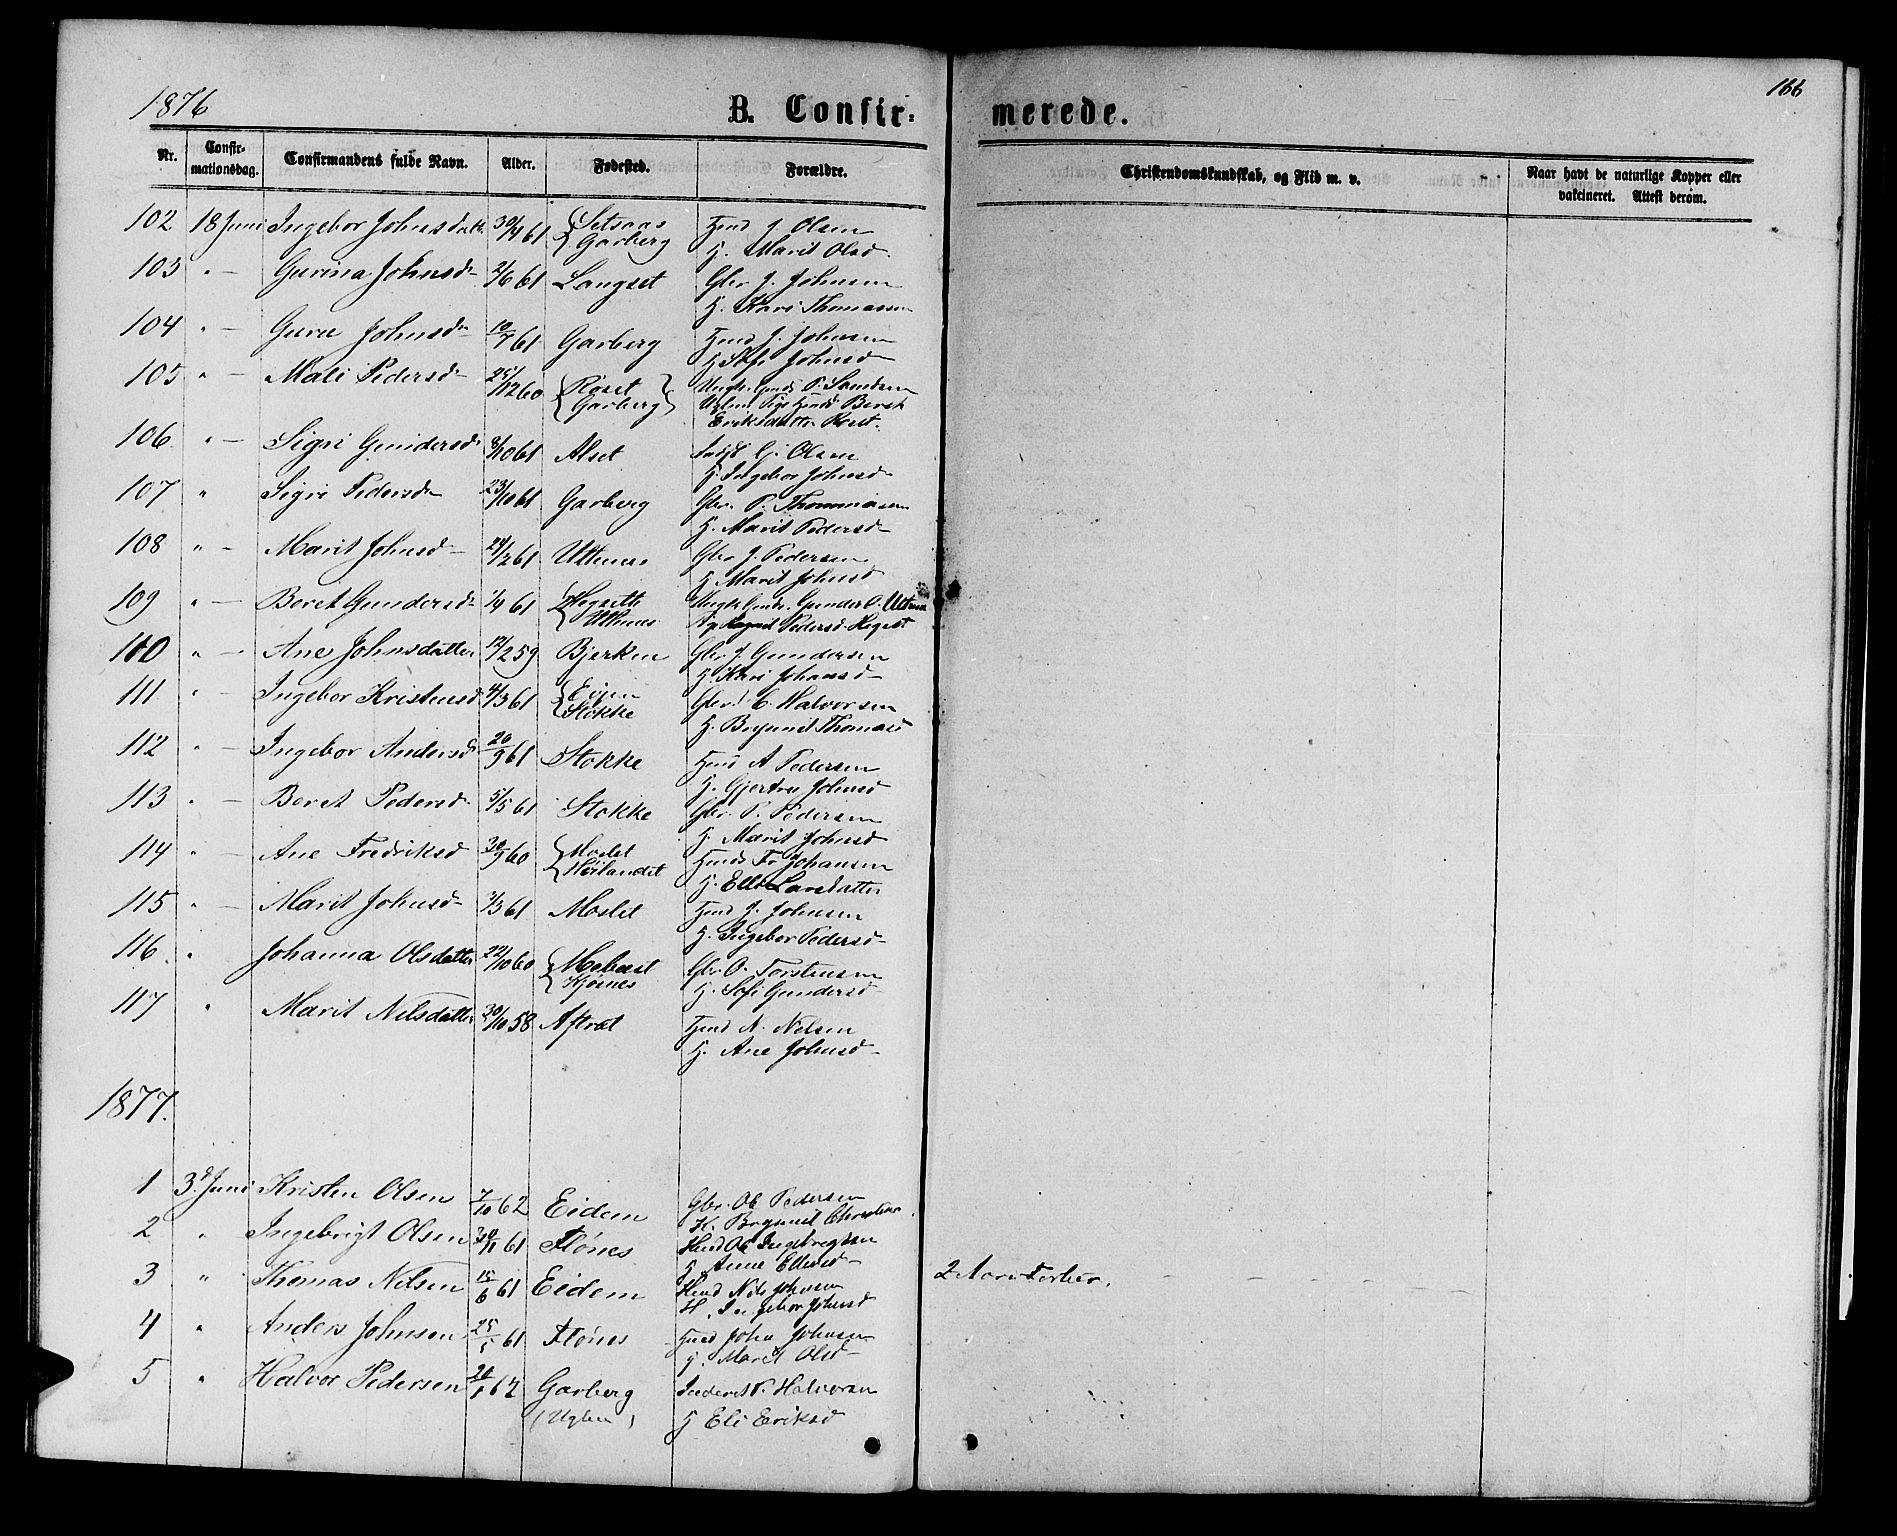 SAT, Ministerialprotokoller, klokkerbøker og fødselsregistre - Sør-Trøndelag, 695/L1156: Klokkerbok nr. 695C07, 1869-1888, s. 166